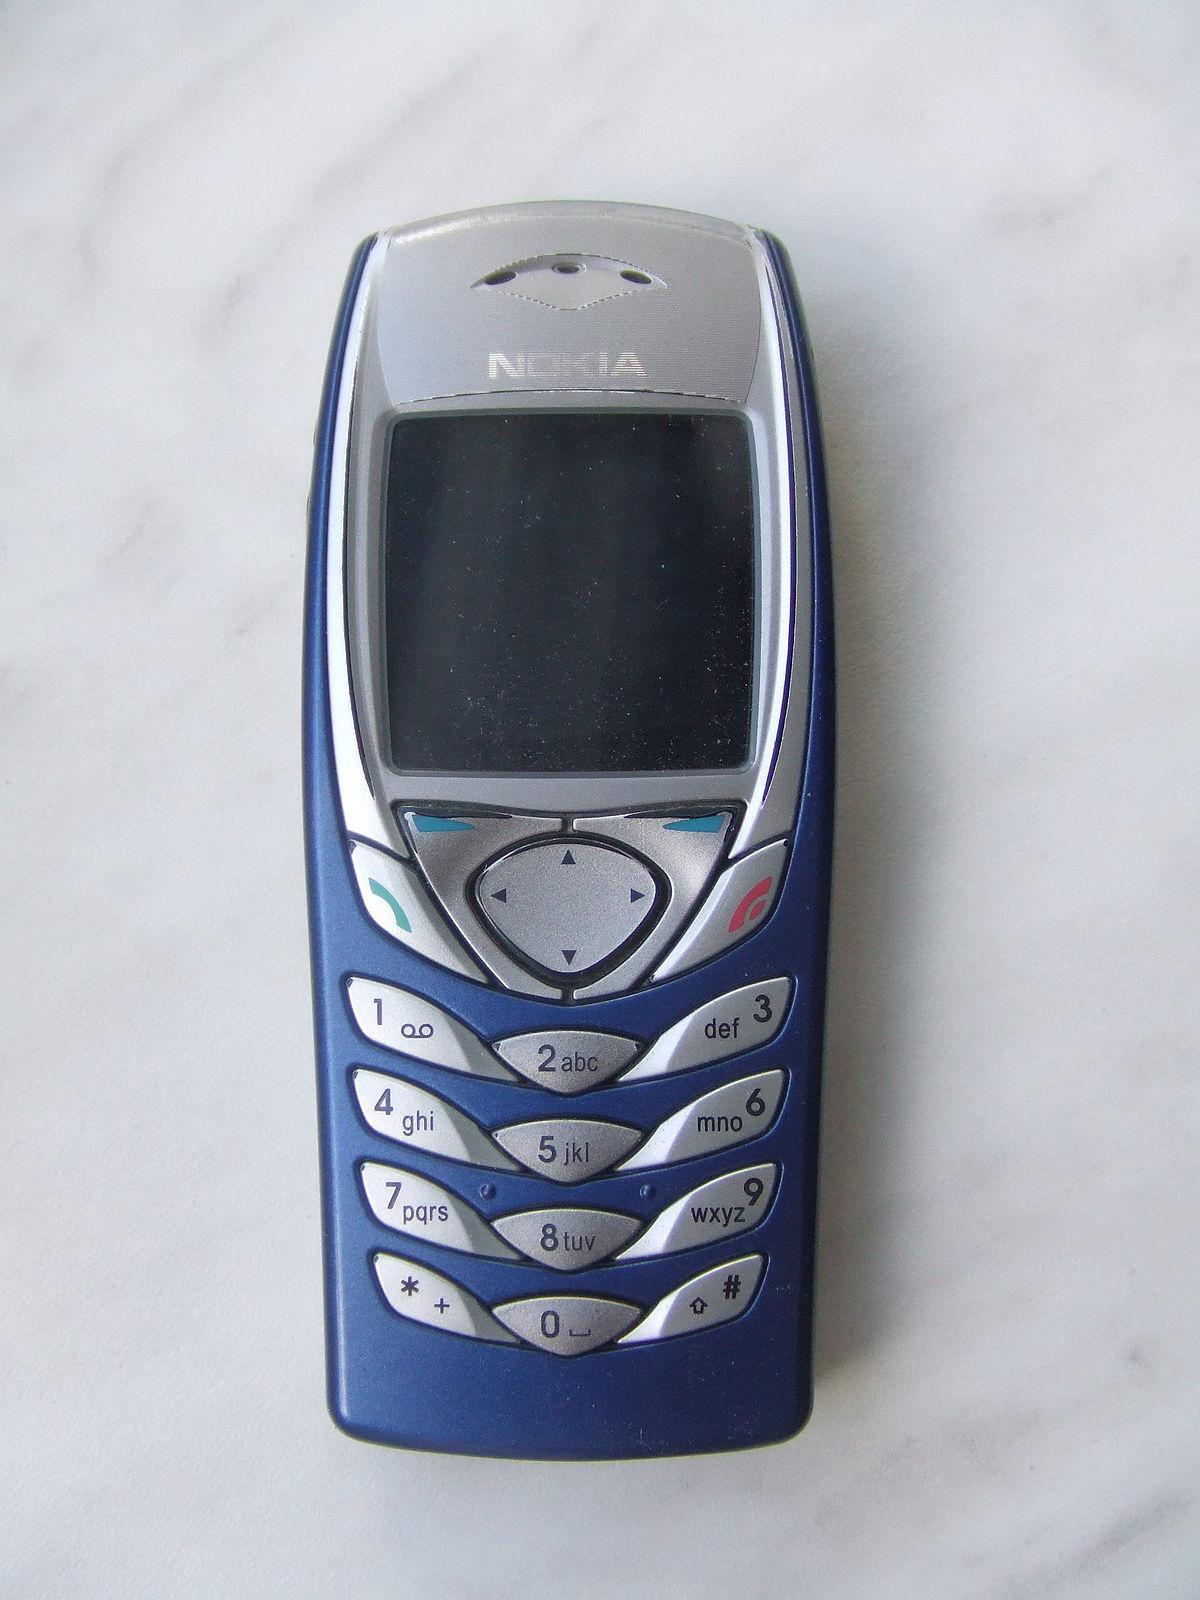 Nokia 6100 Wikipedia